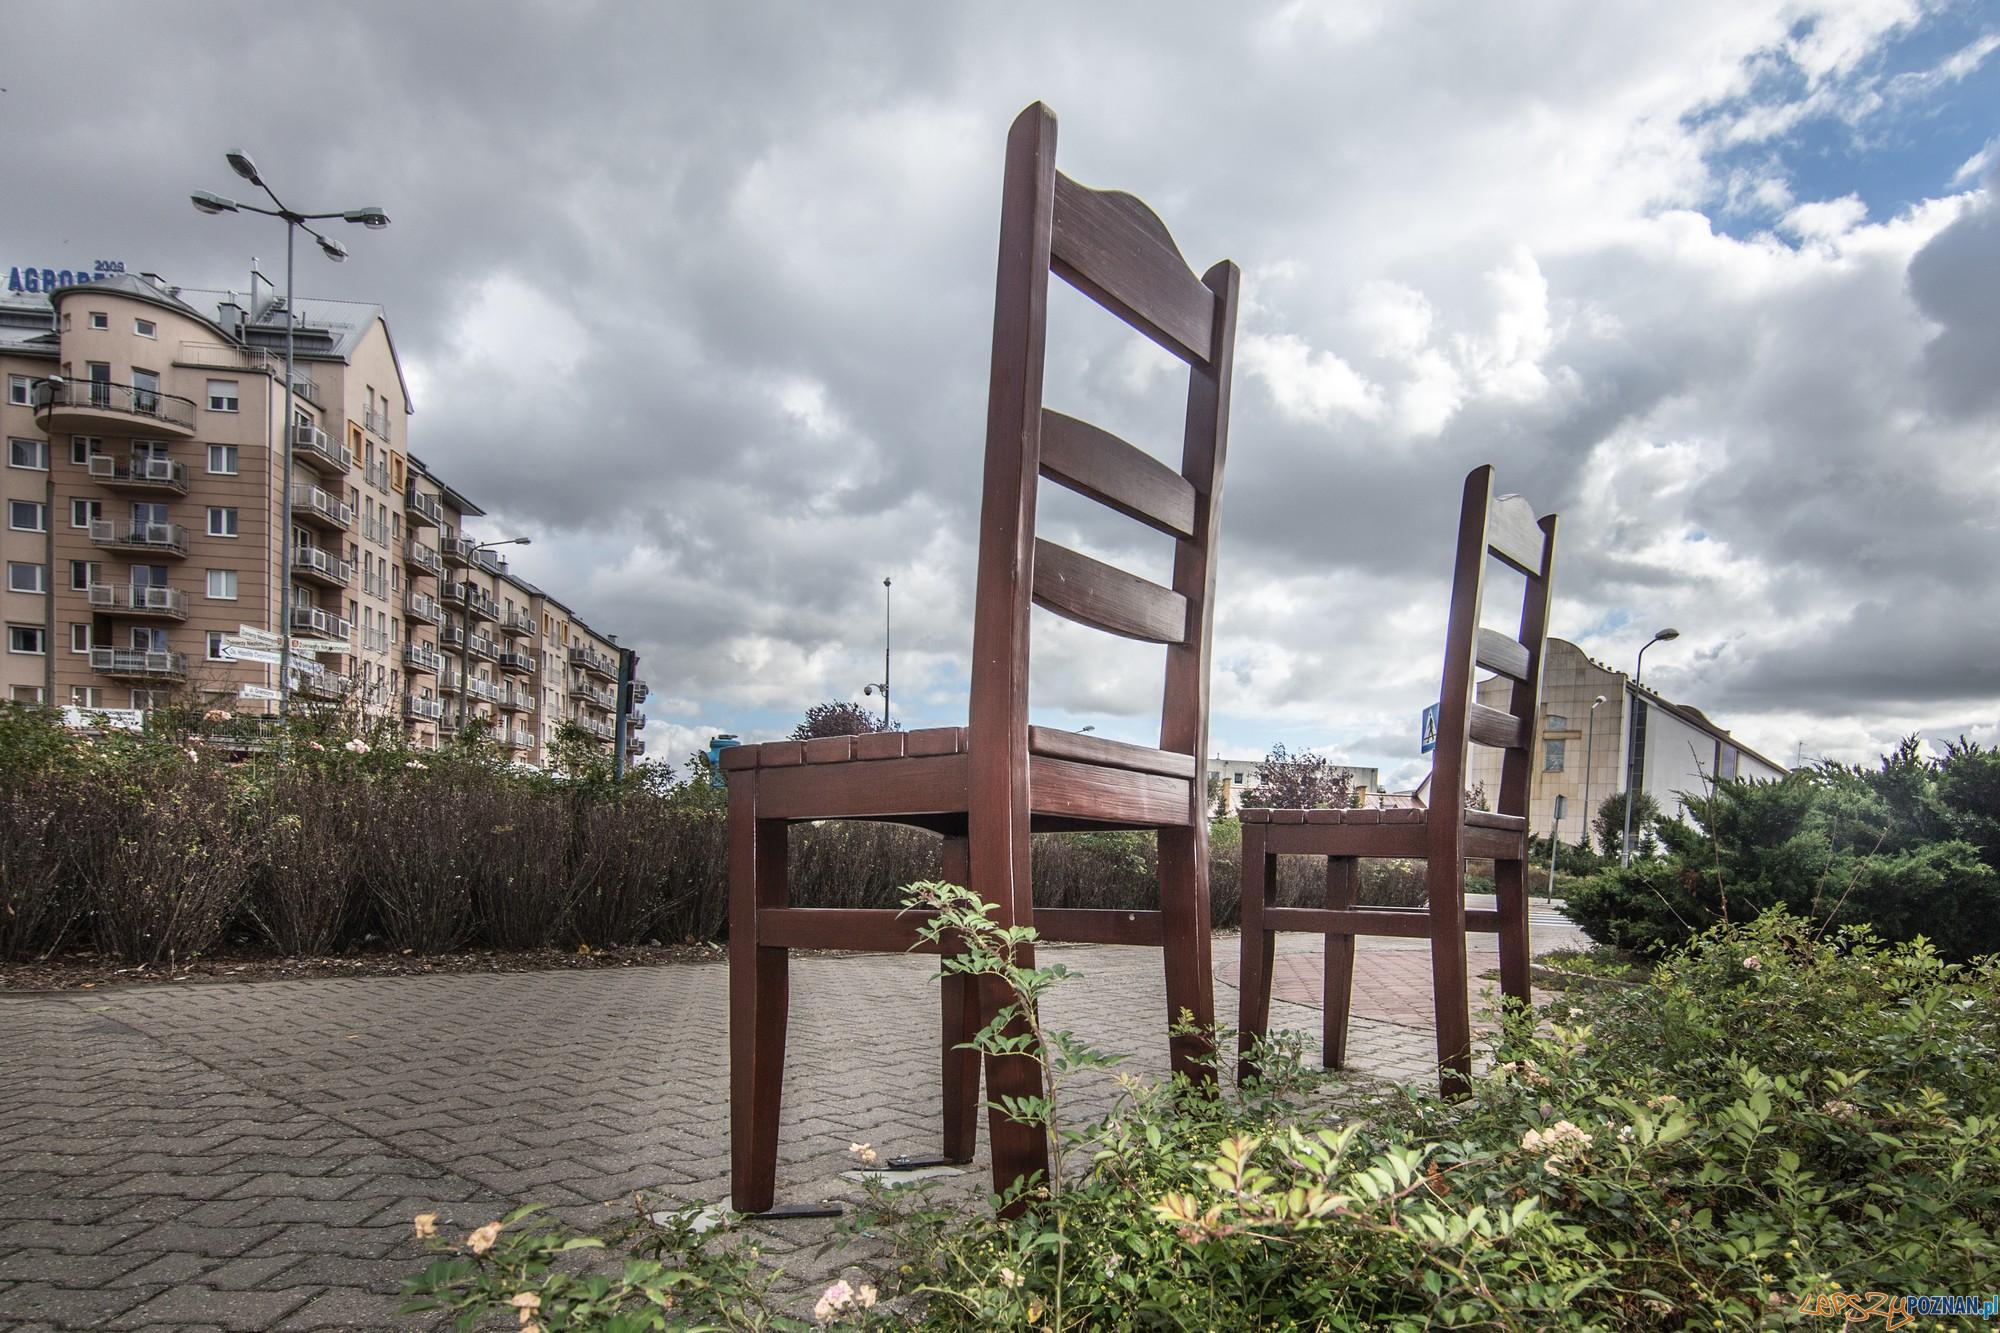 Dwa krzesИa na Rondzie Tysiеclecia - element akcji Meblowanie miasta (fot. Jakub Pindych PLOT)  Foto: materiały prasowe PLOT